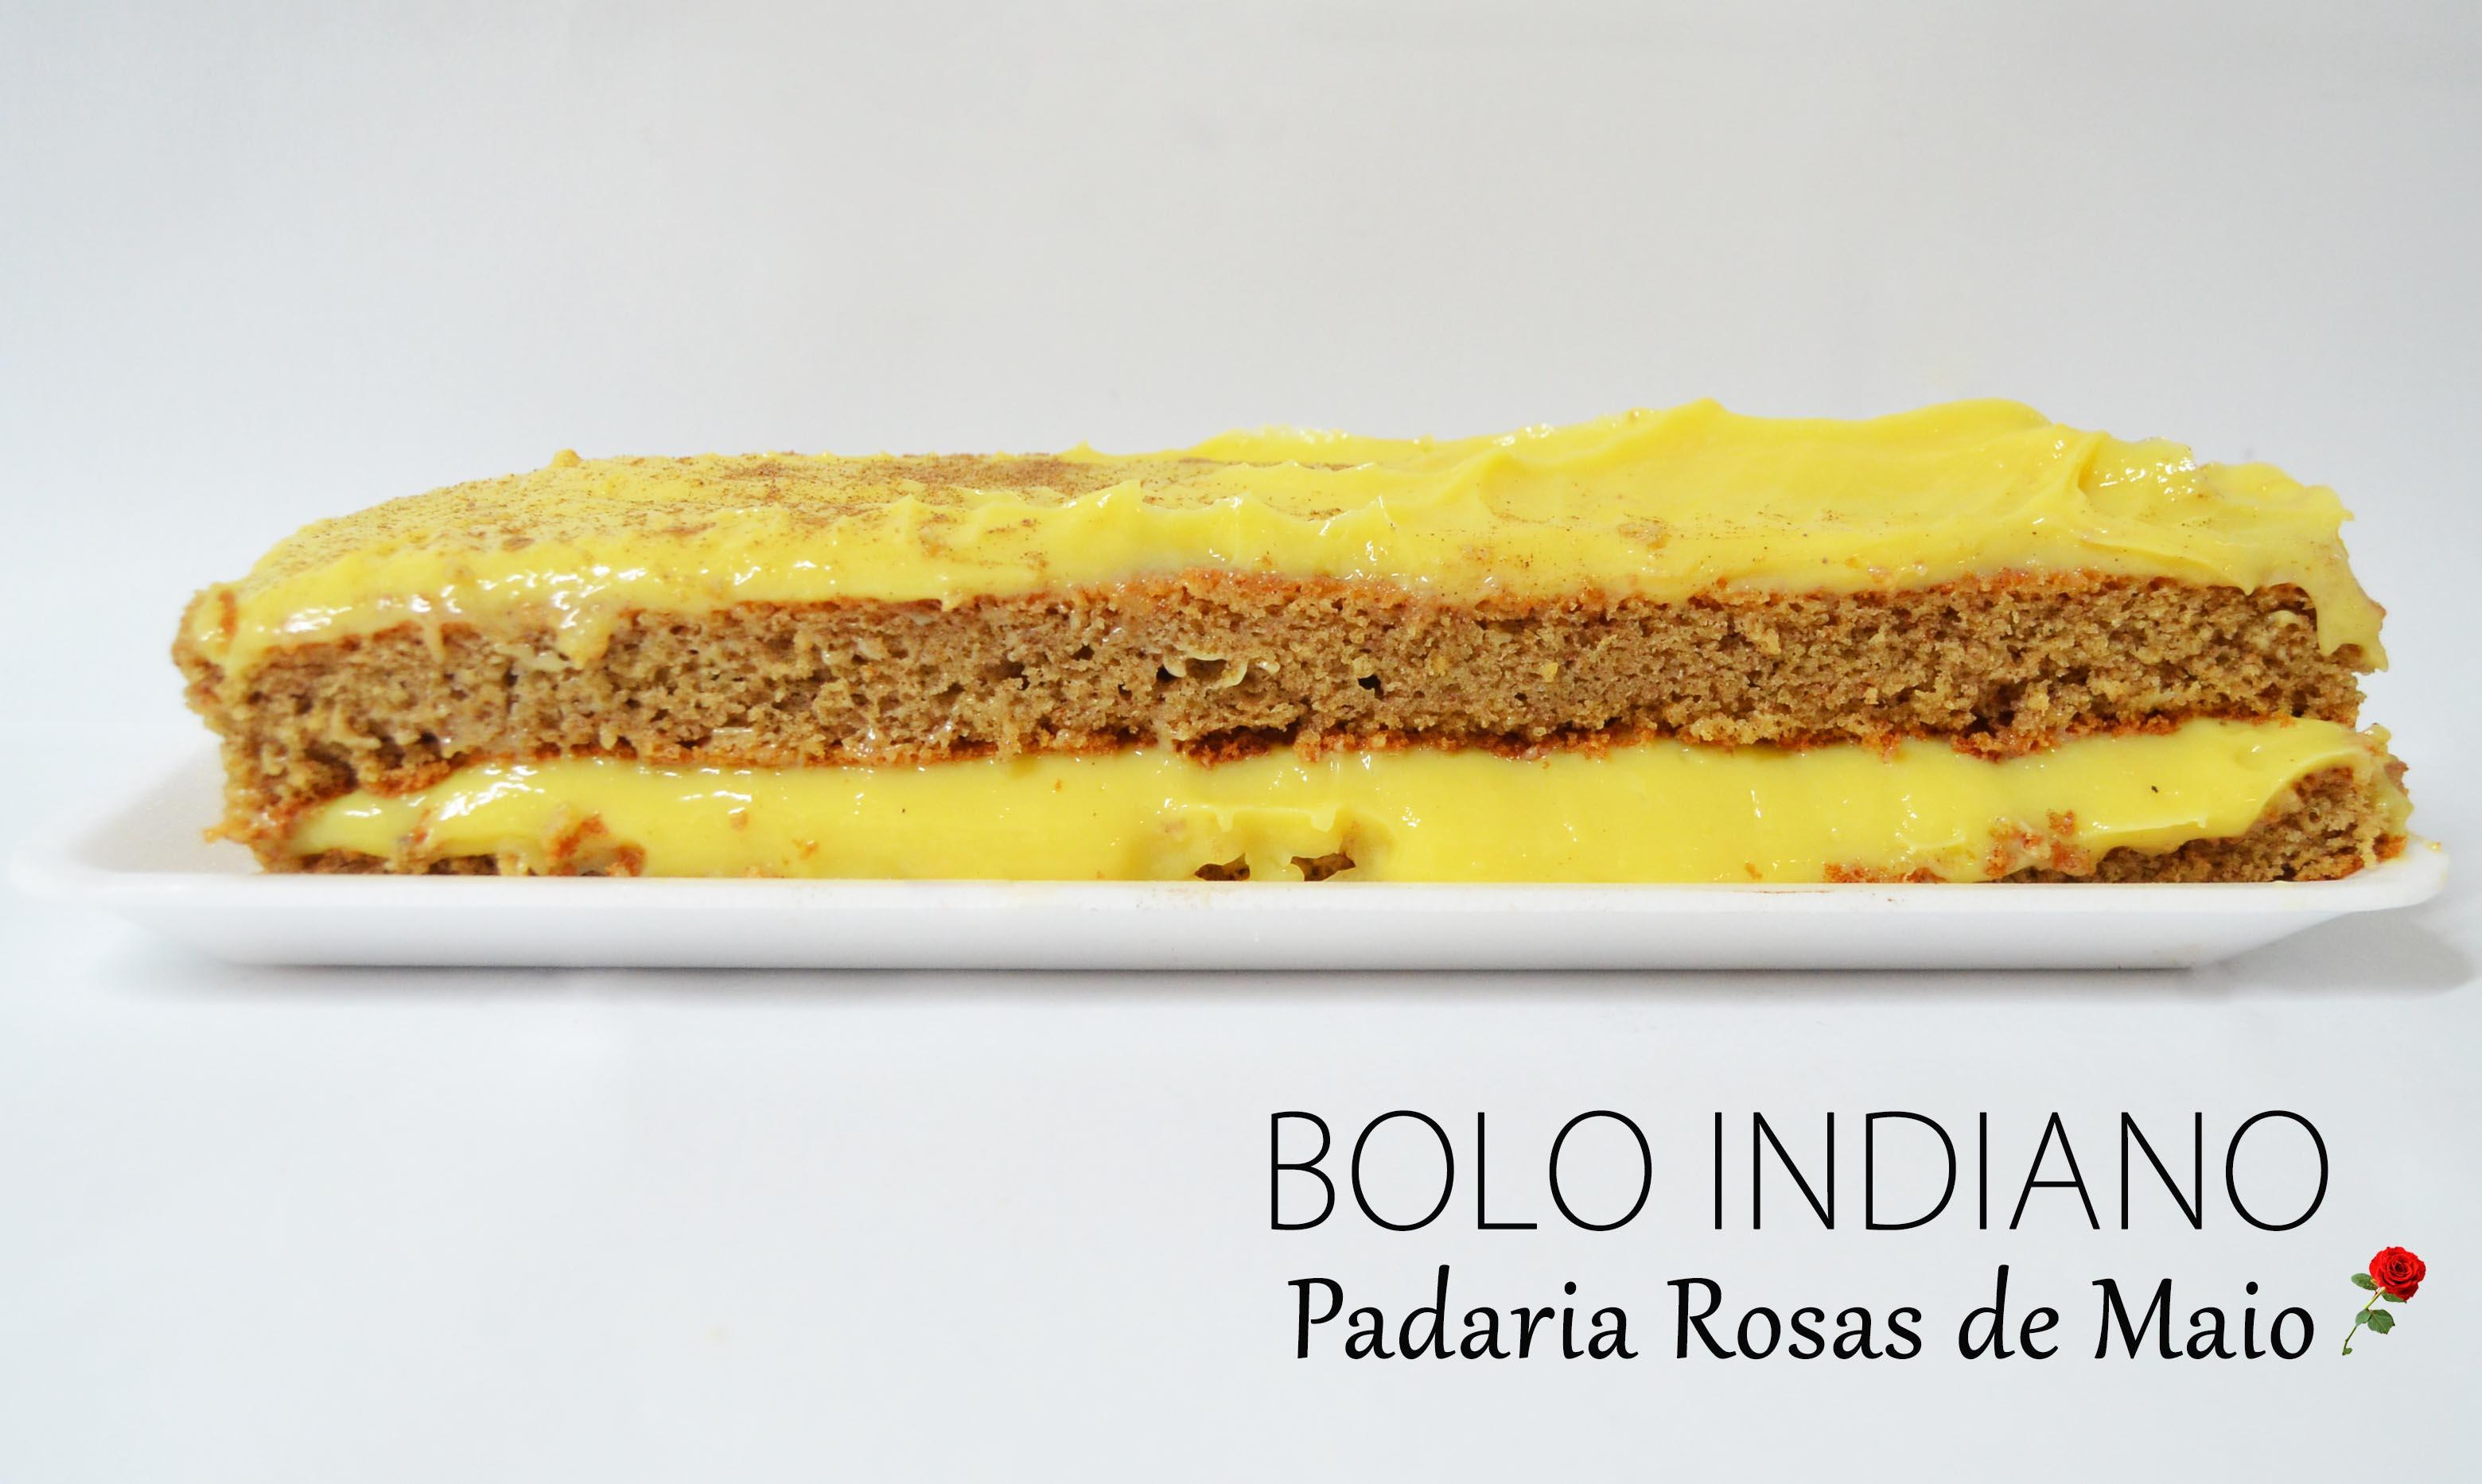 29. bolo indiano